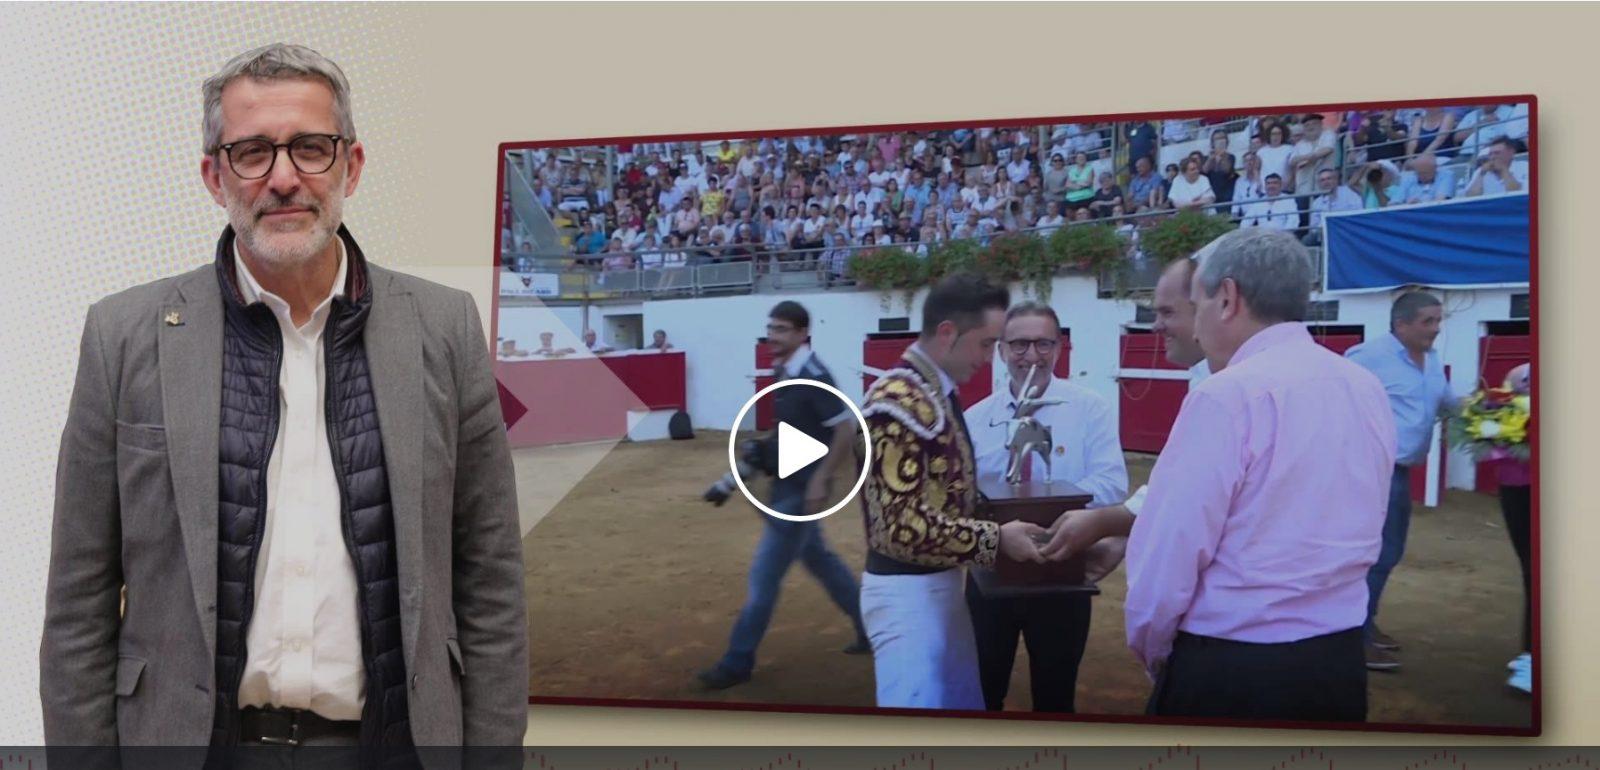 VIDEO // Interview – Stéphane Castel le président de l'Union des Clubs Ricard nous parle de son nouveau rôle